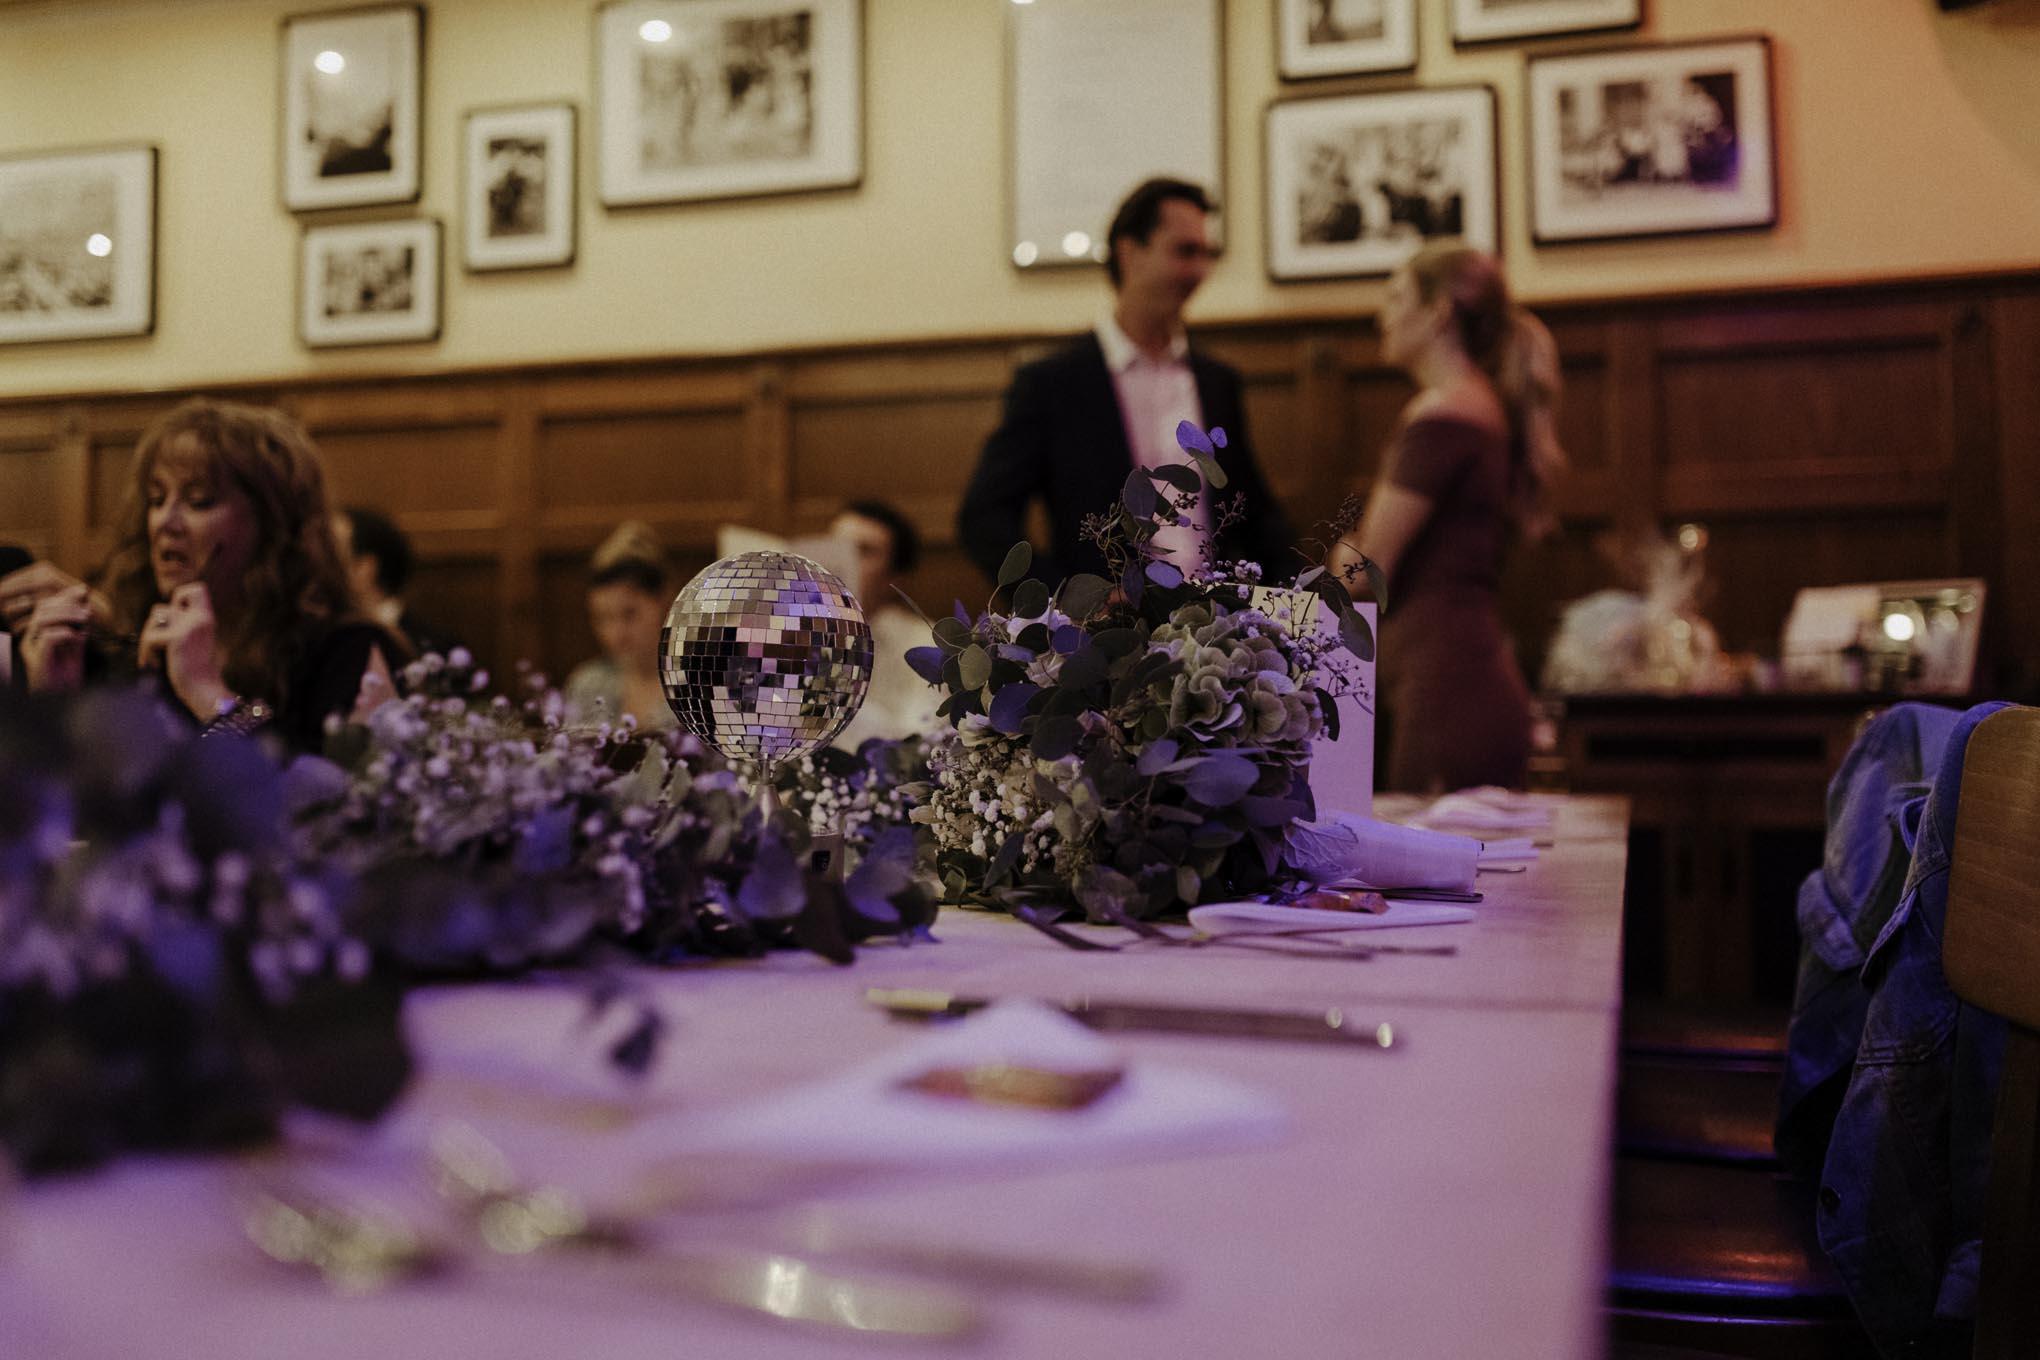 Hochzeitsdekoration im Alten Brauhaus Köln